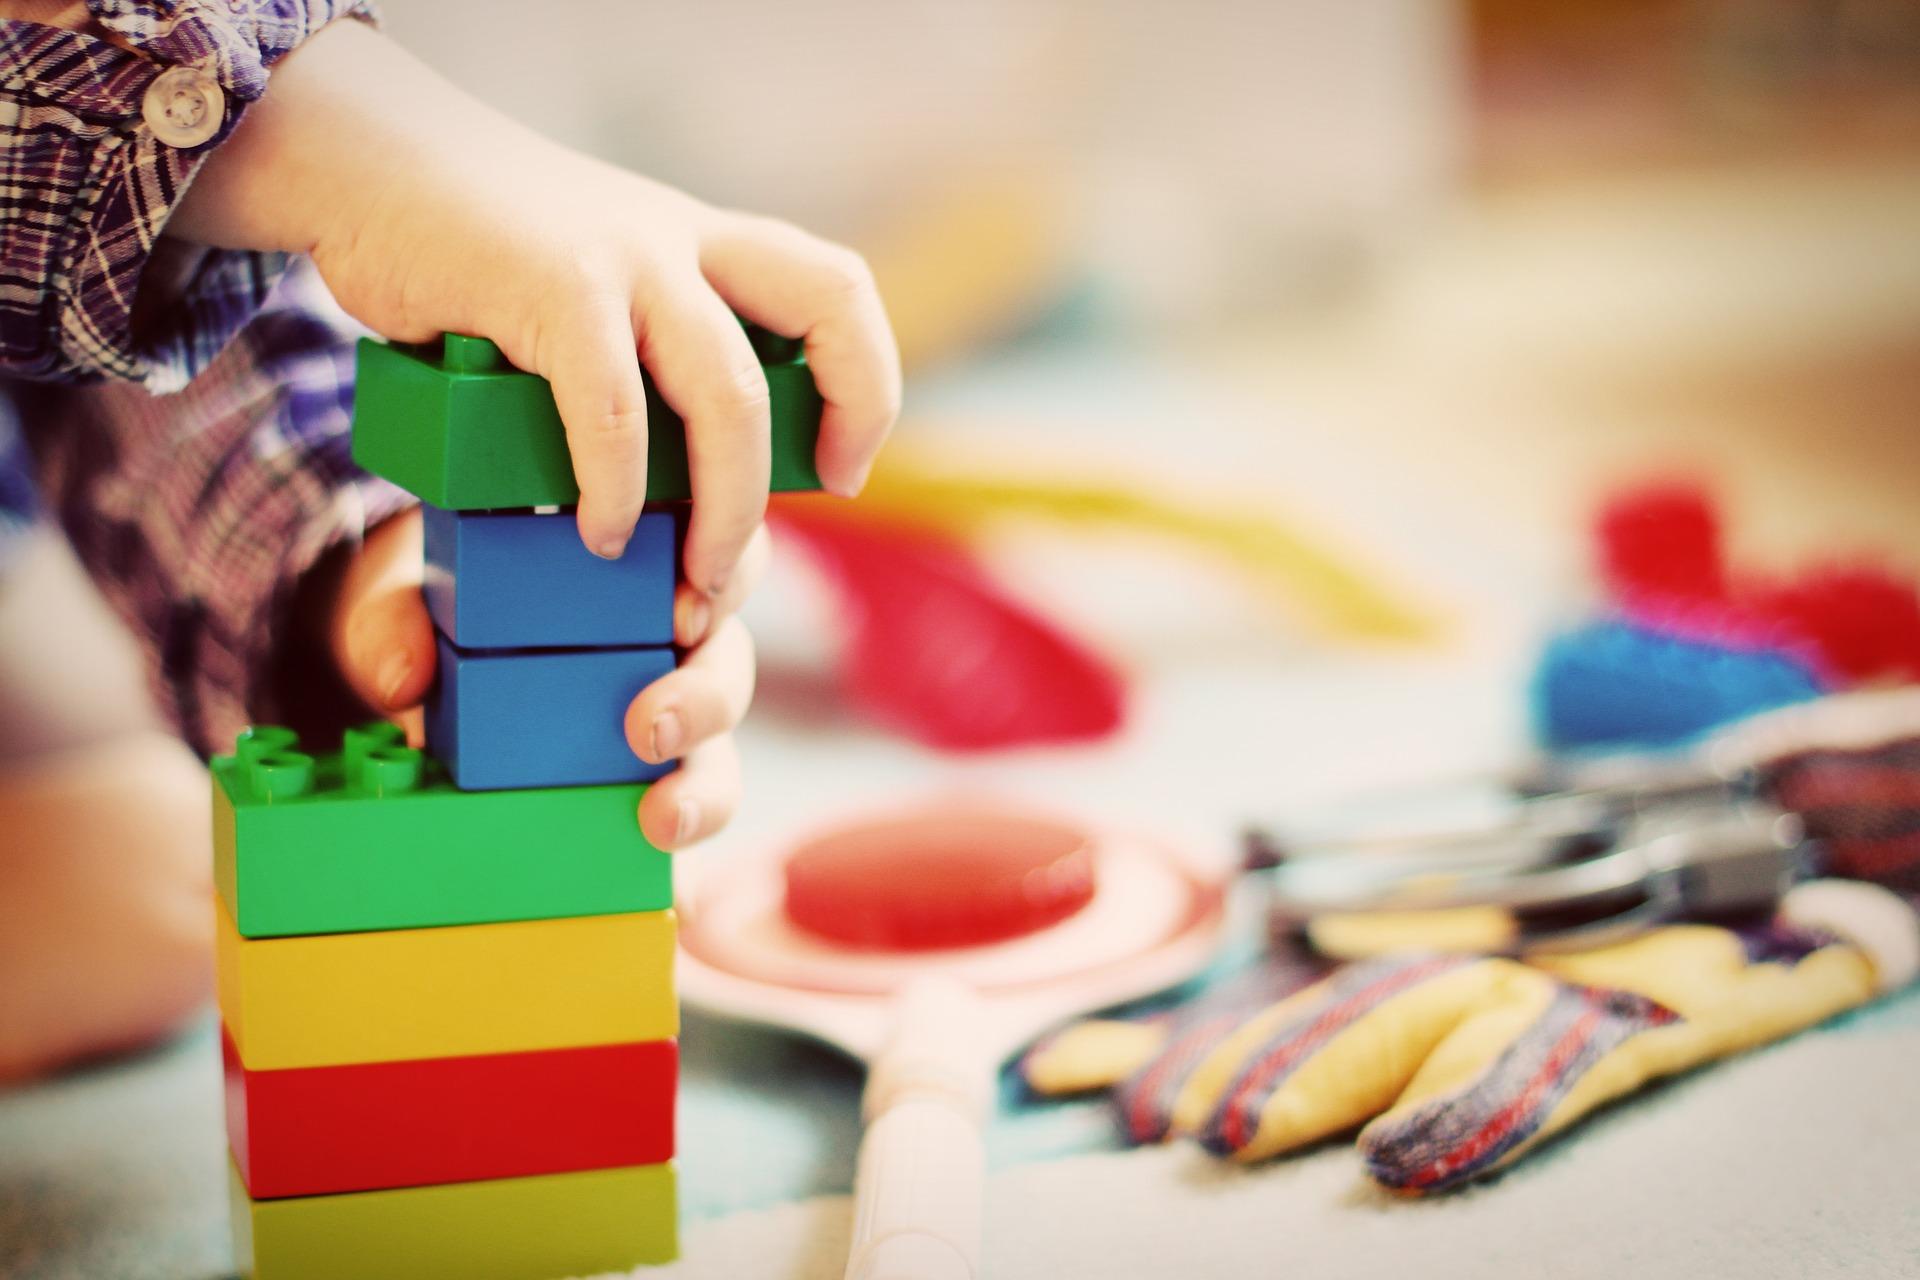 MPE recomenda ao Município de Arraias que desenvolva ações voltadas à melhoria da educação infantil